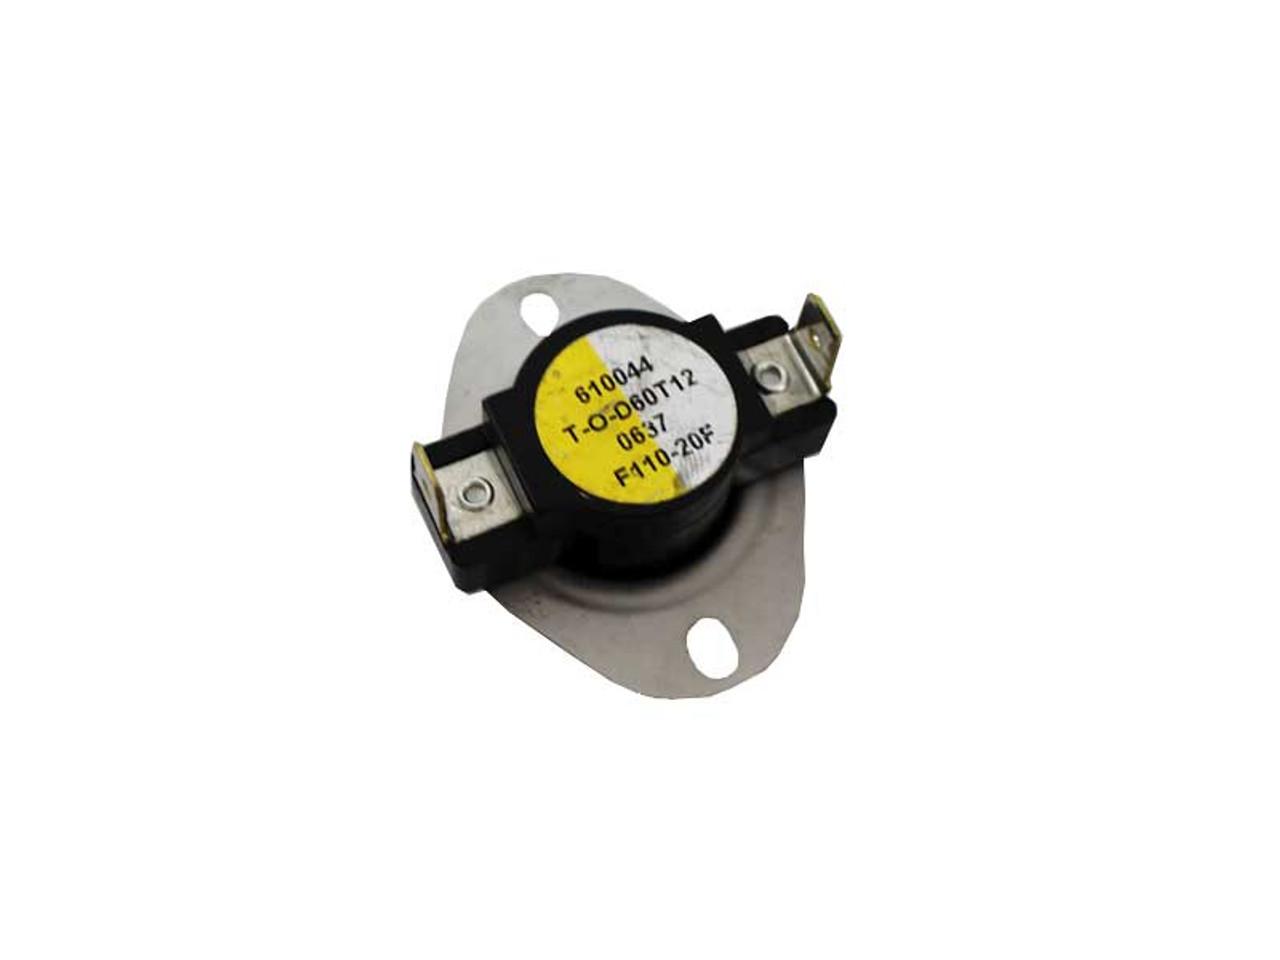 Harman Fan Limit Switch -110 (13-1126)